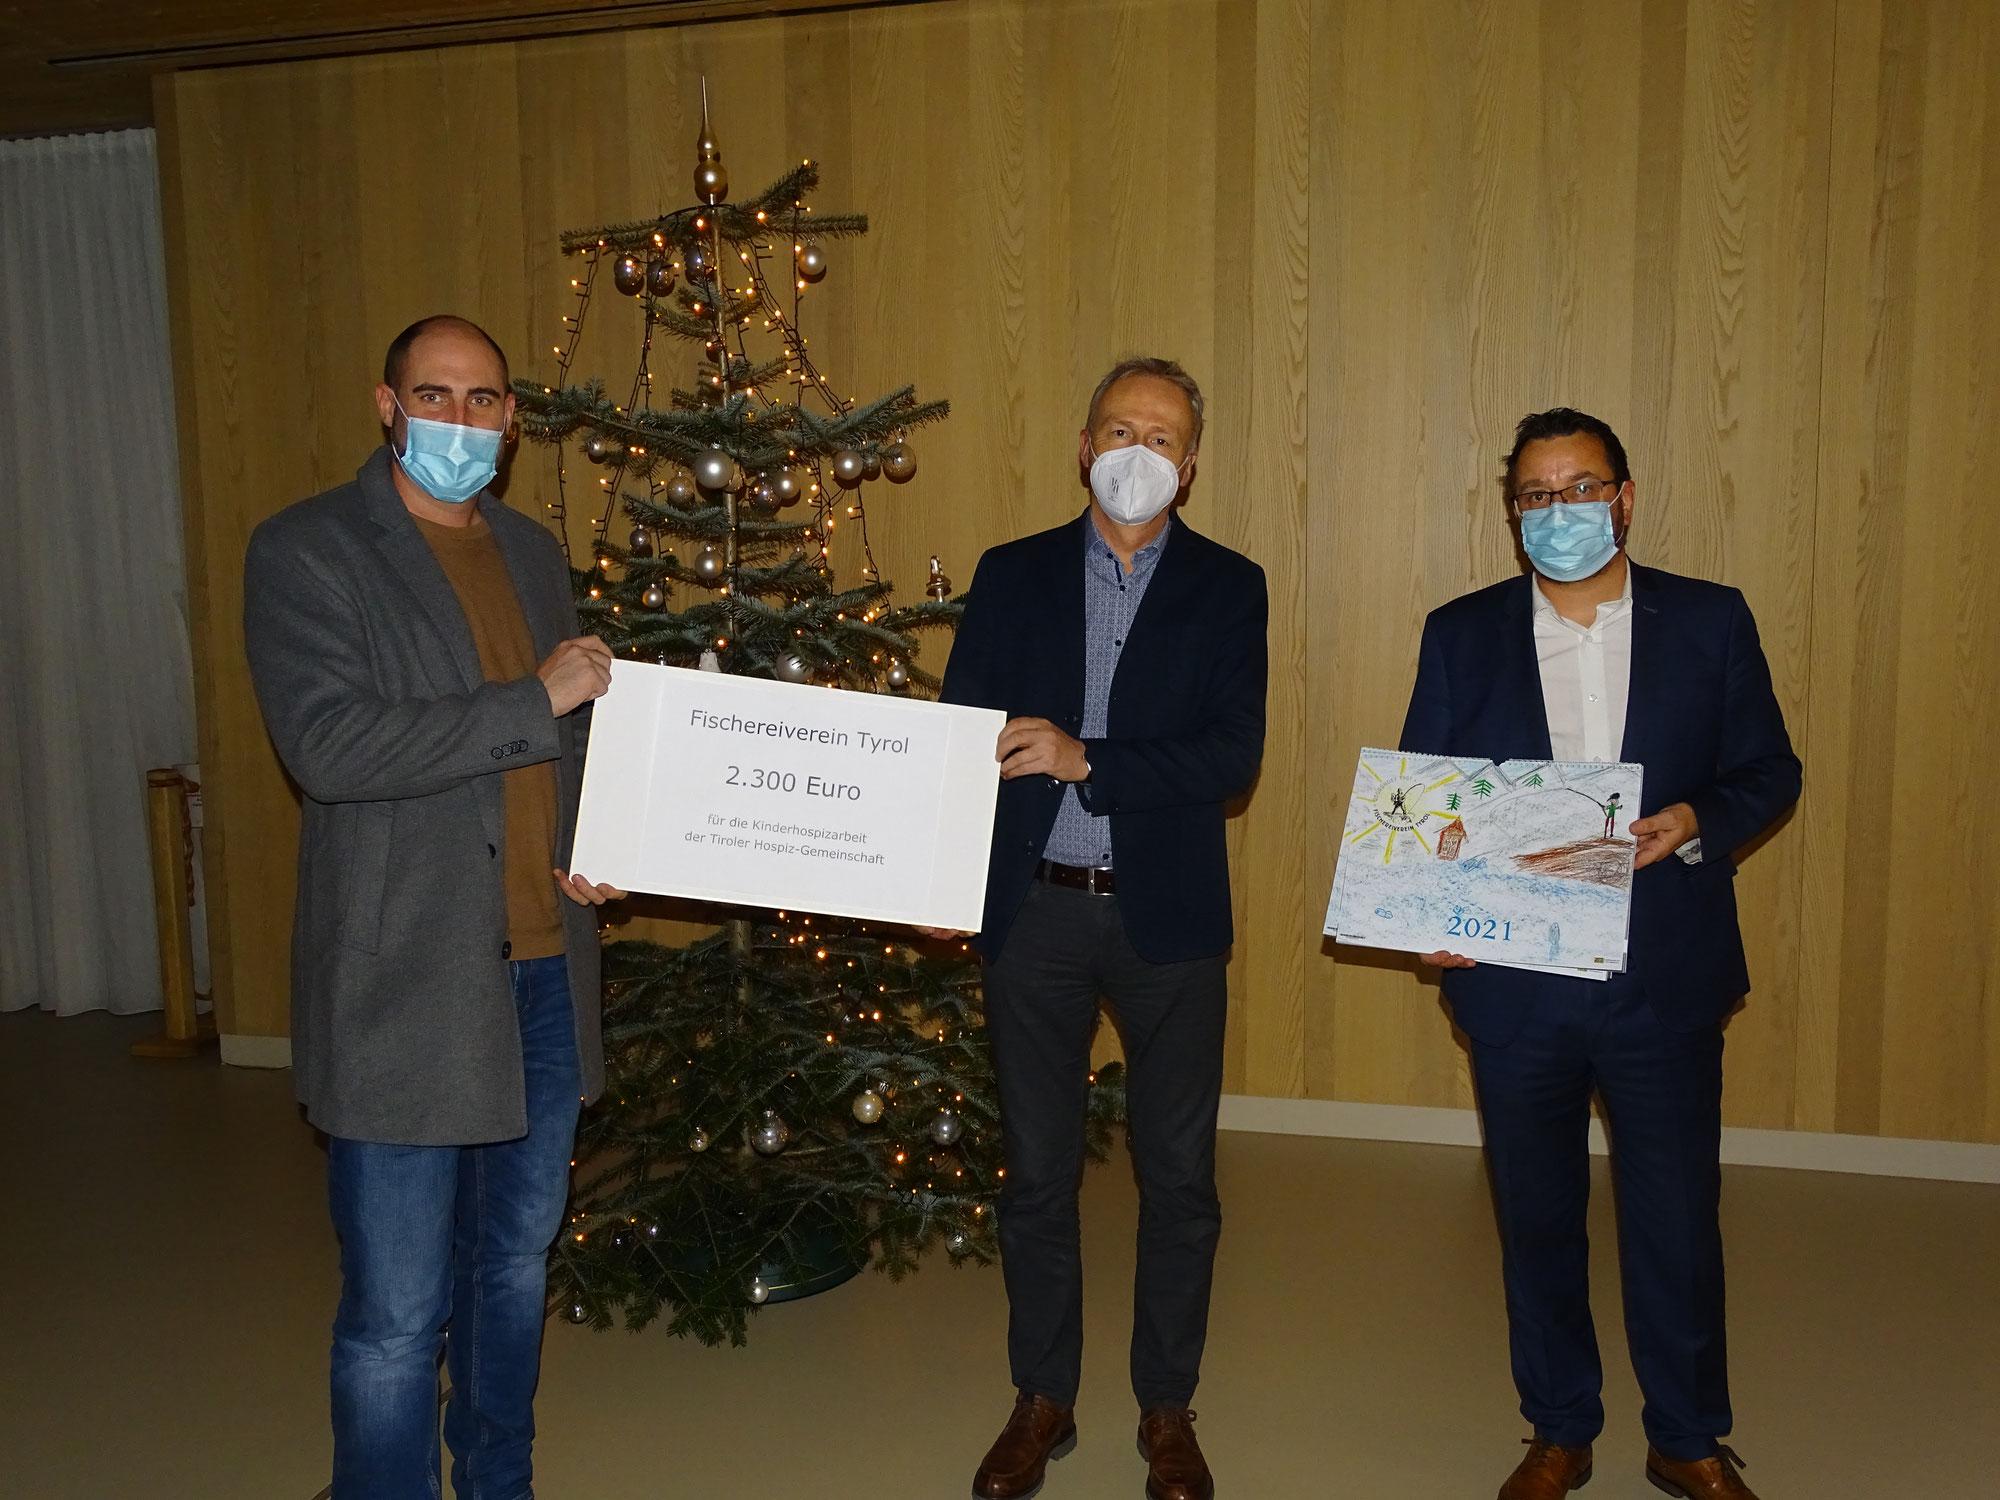 Der Fischereiverein Tyrol spendet 2300€ an das Kinderhospiz Tirol